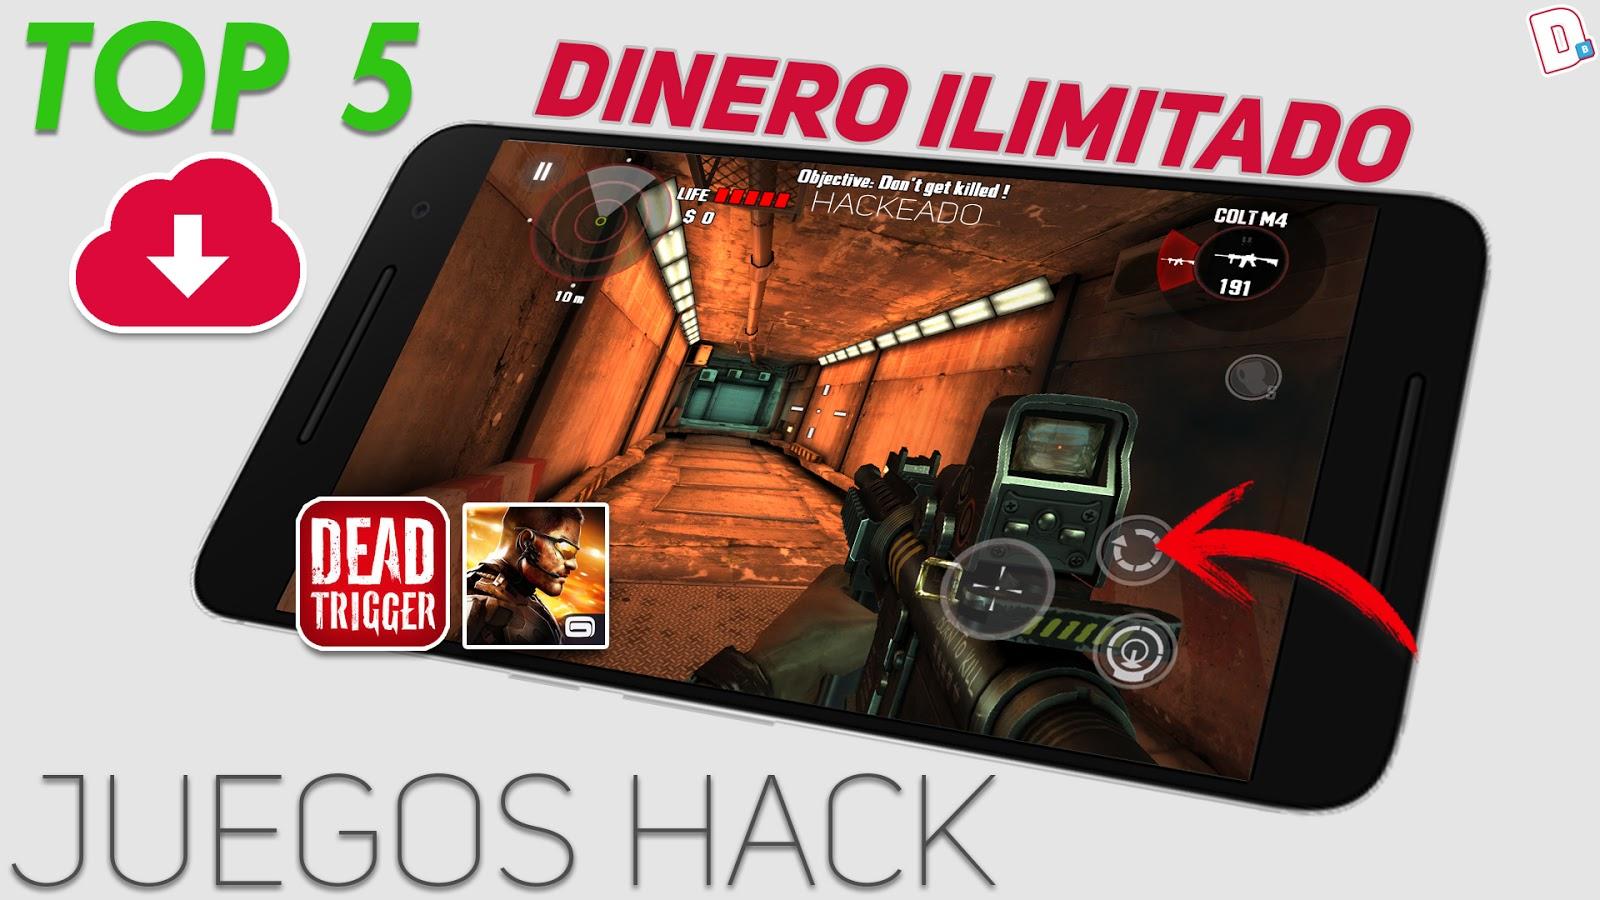 Top 5 Juegos Hackeados Para Android Monedas Infinitas Dinero